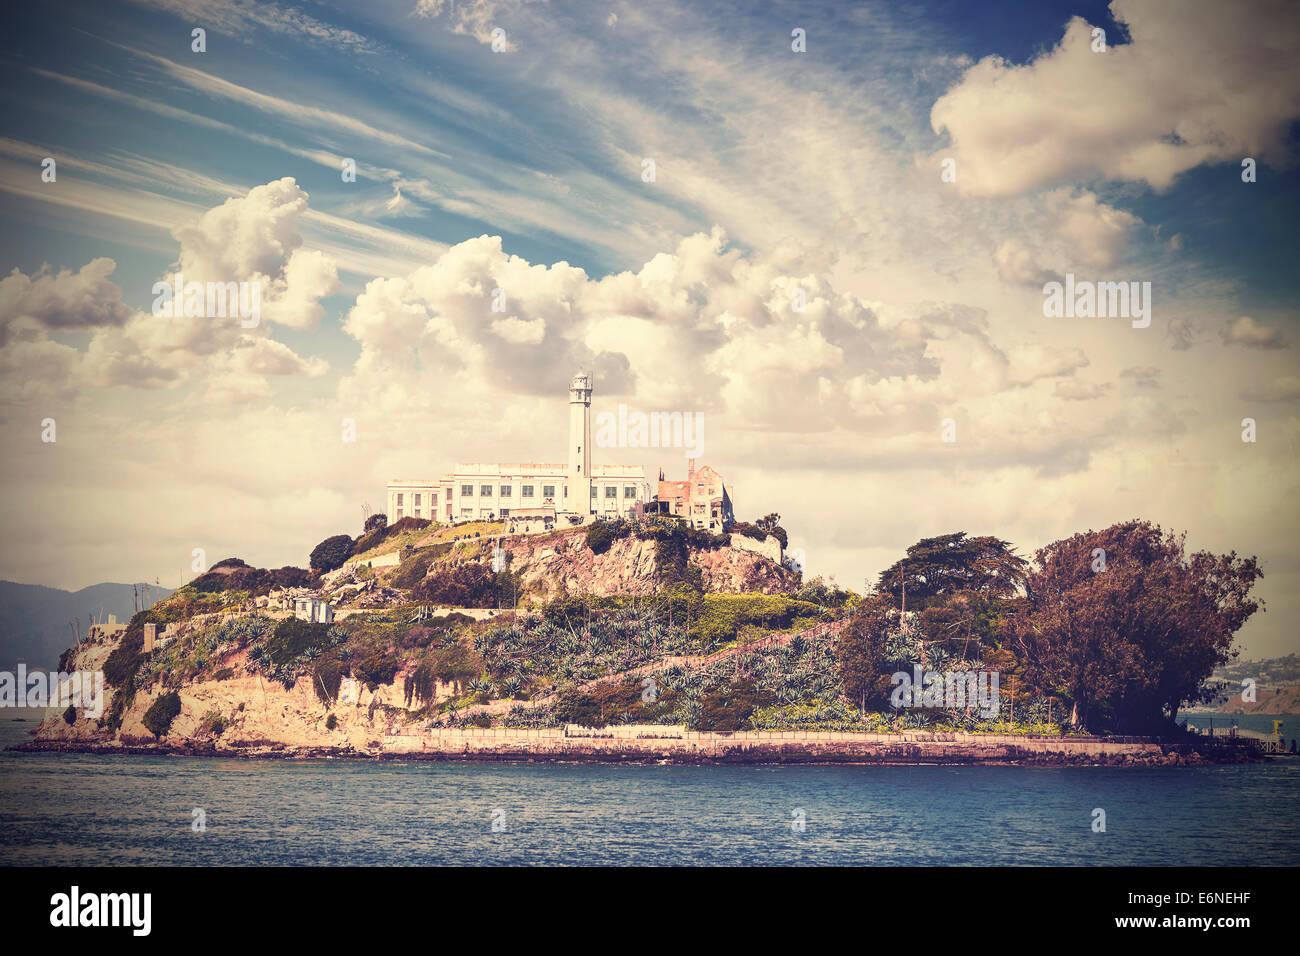 Vintage photo de l'île d'Alcatraz à San Francisco, USA. Banque D'Images